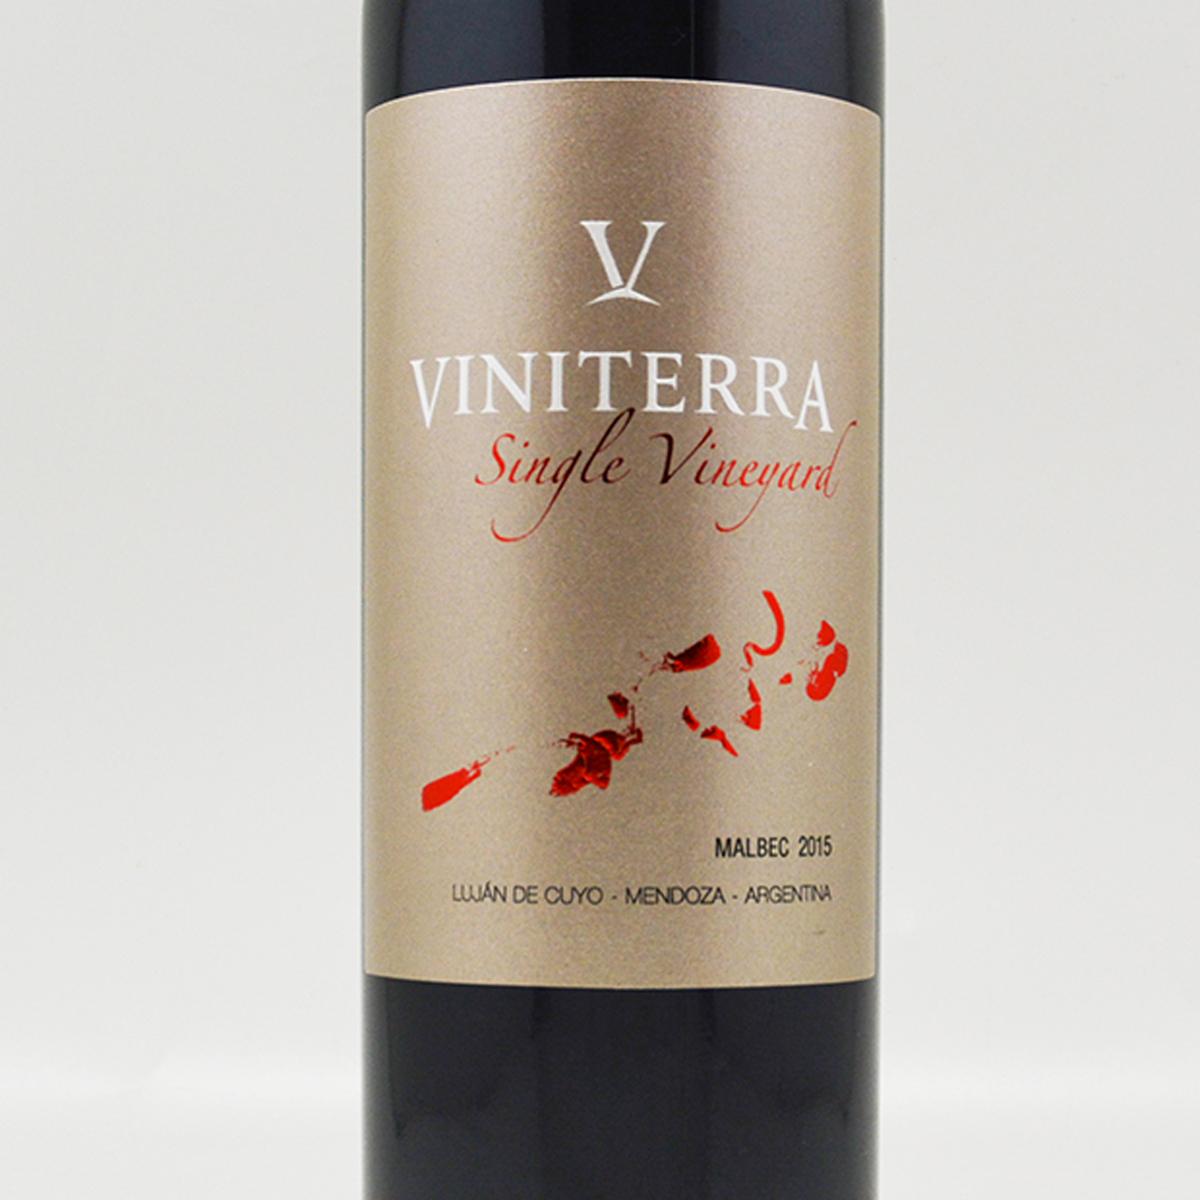 阿根廷门多萨省维尼特酒庄马尔贝克单一园干红葡萄酒